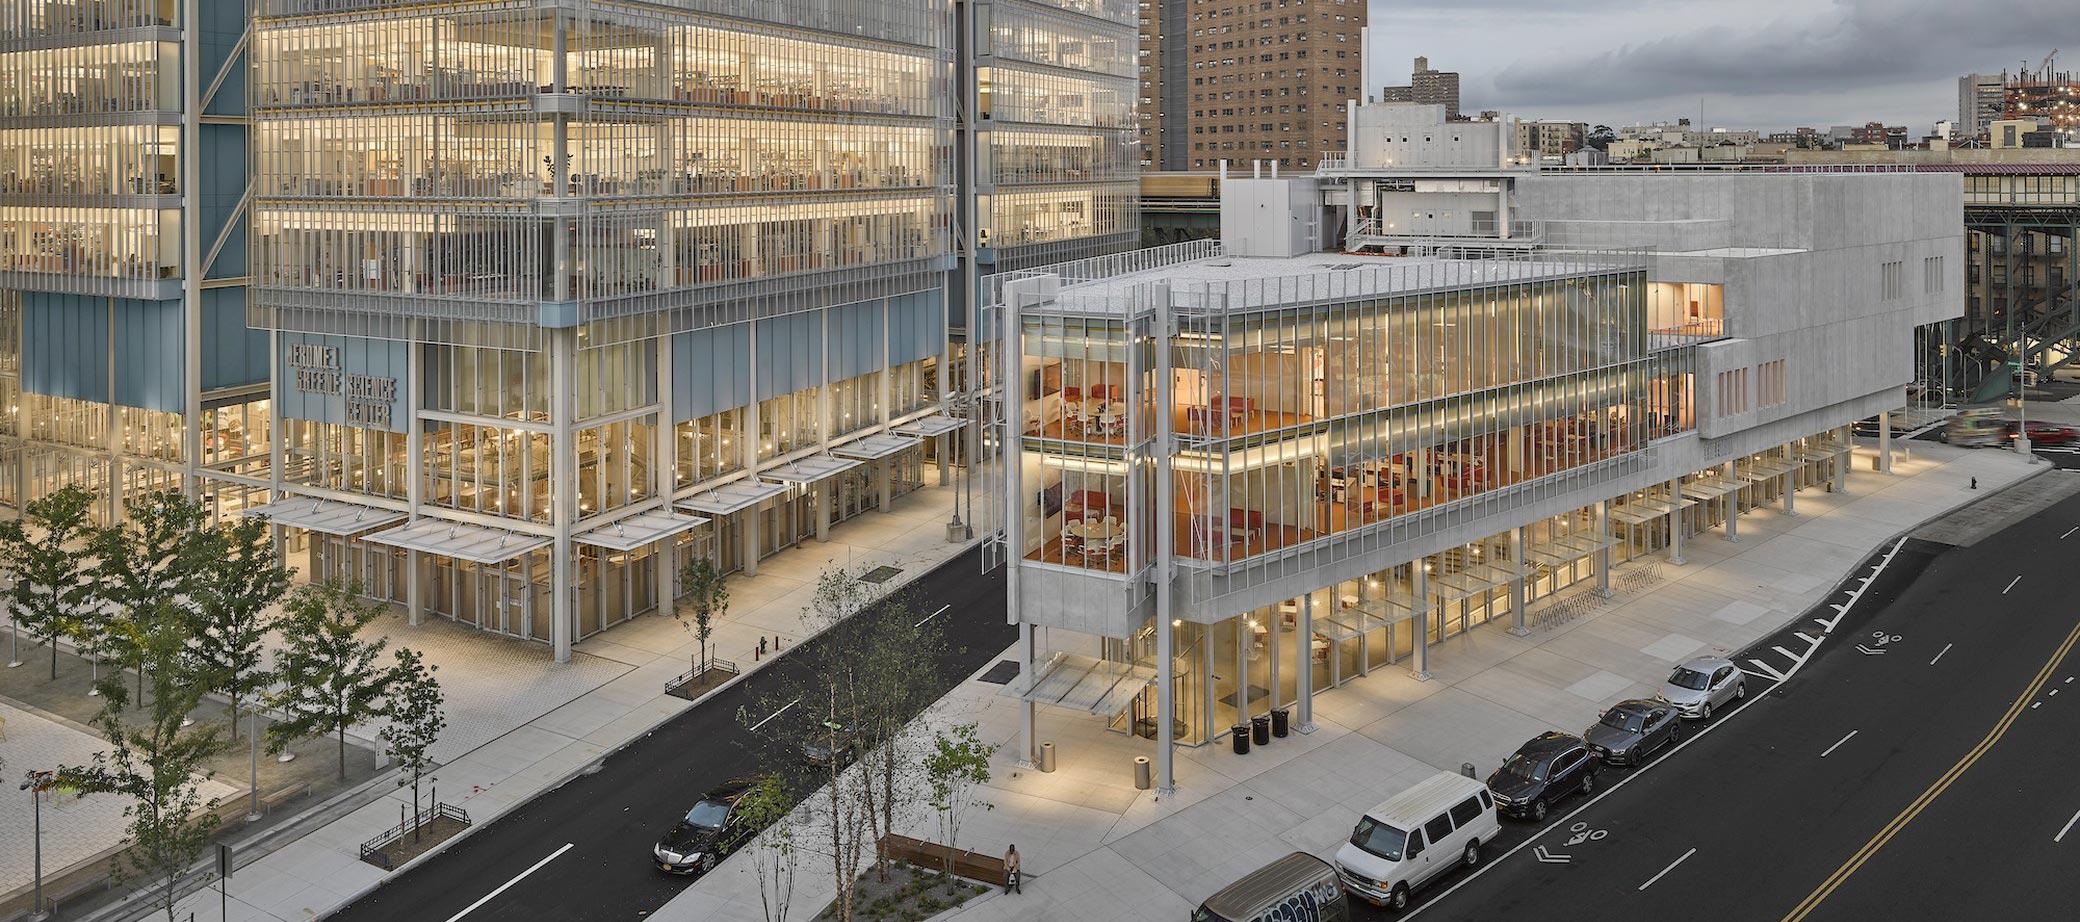 The Forum por Renzo Piano. Fotografía por Frank Oudeman, cortesía de Columbia University